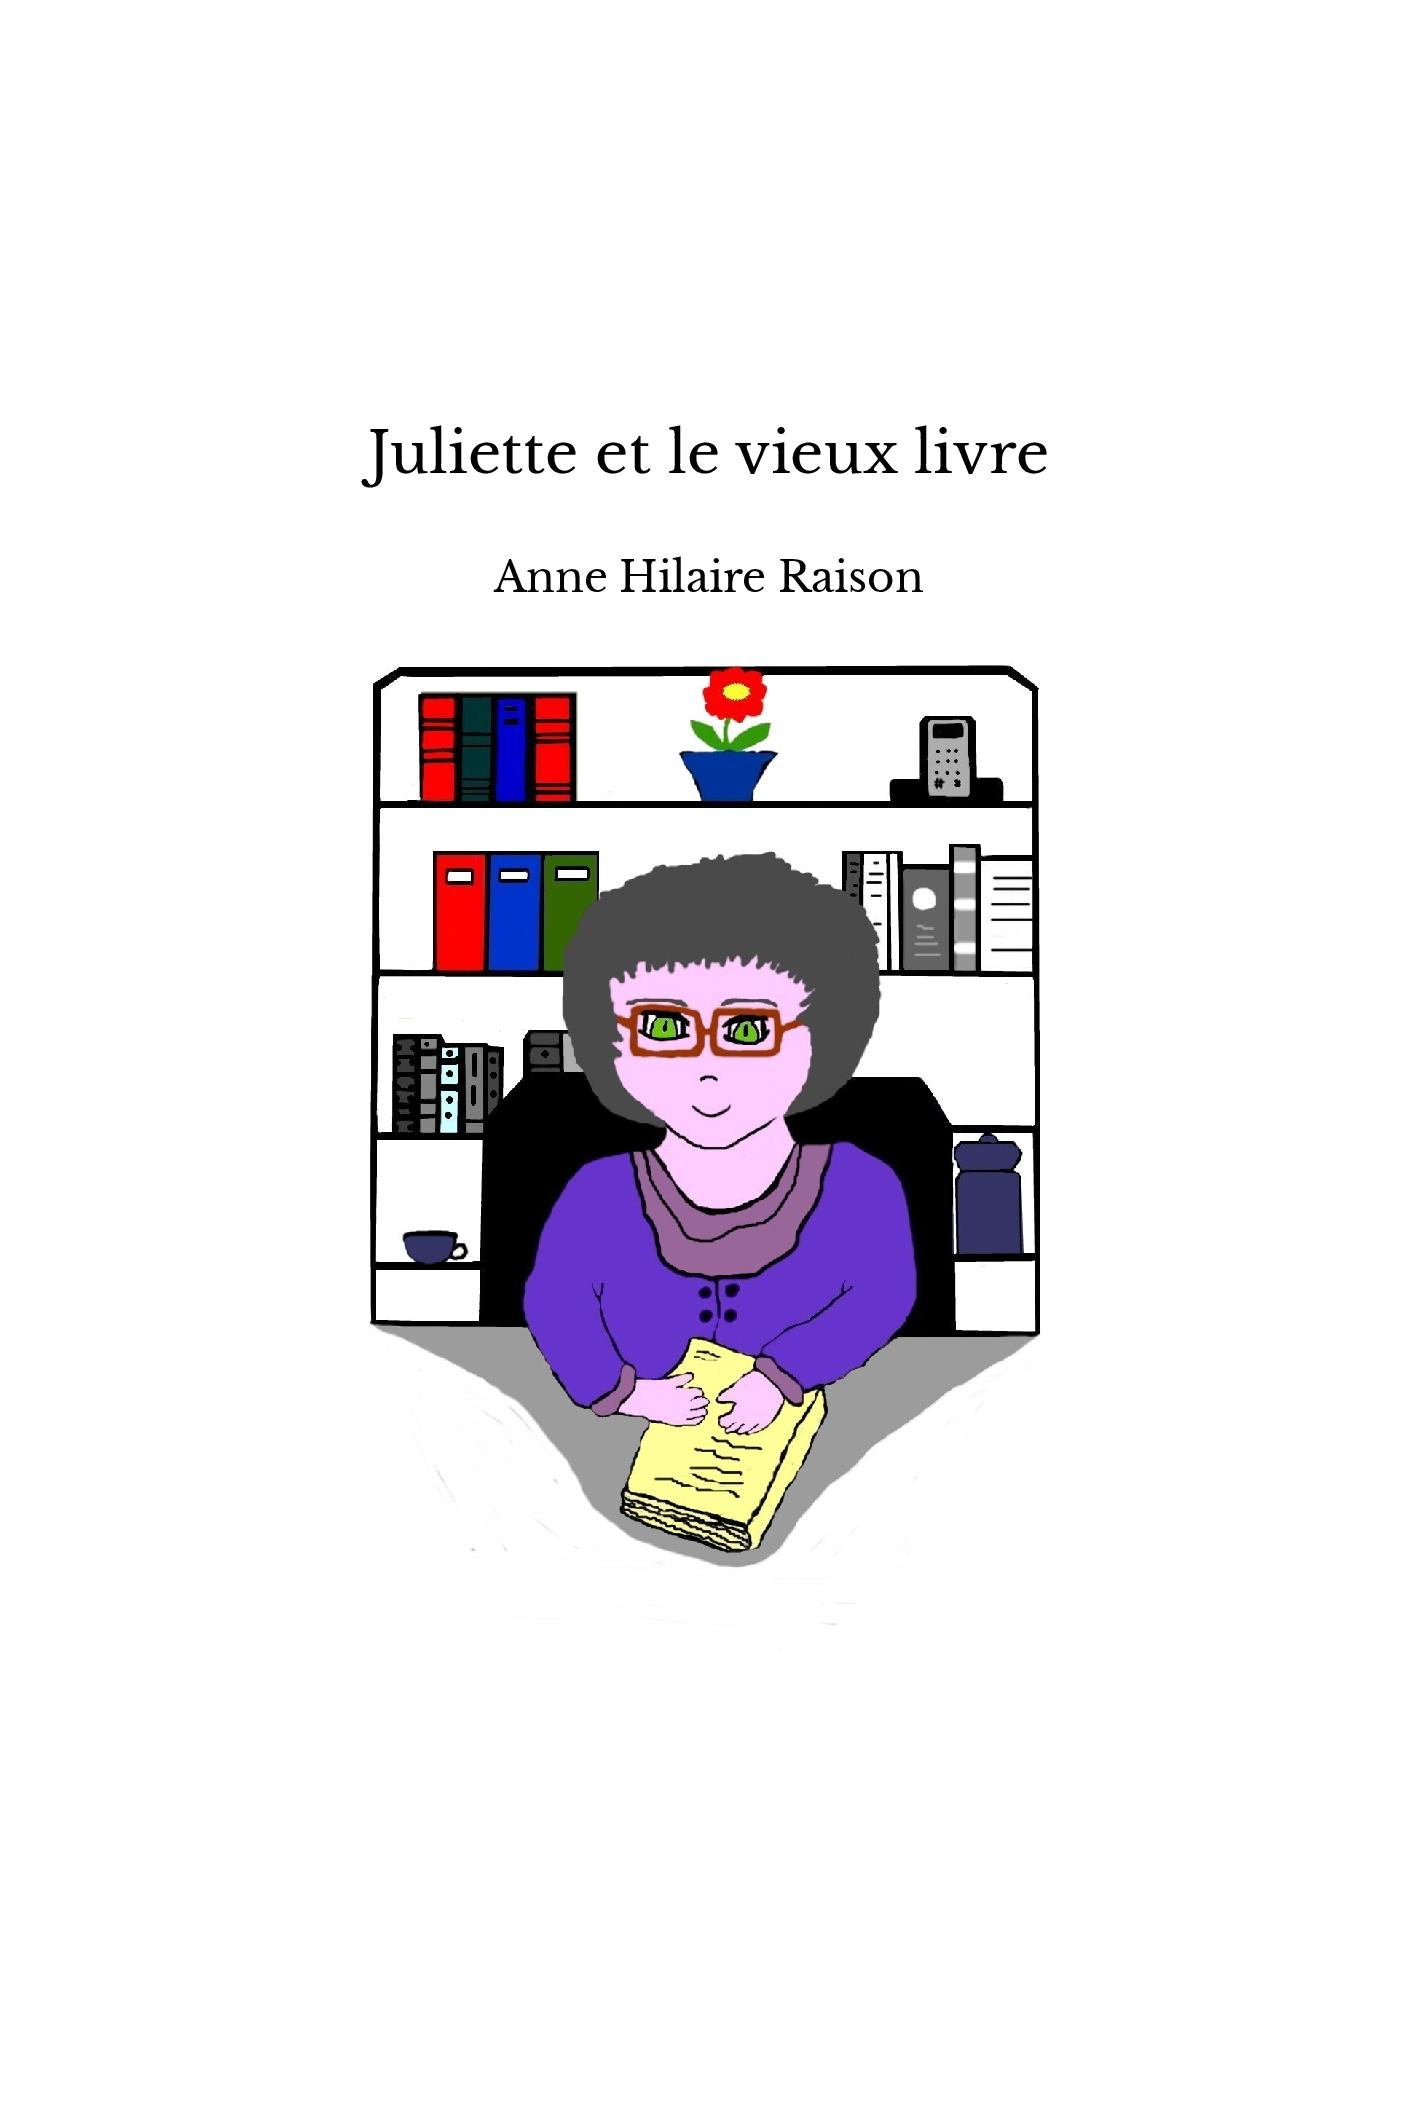 Juliette et le vieux livre